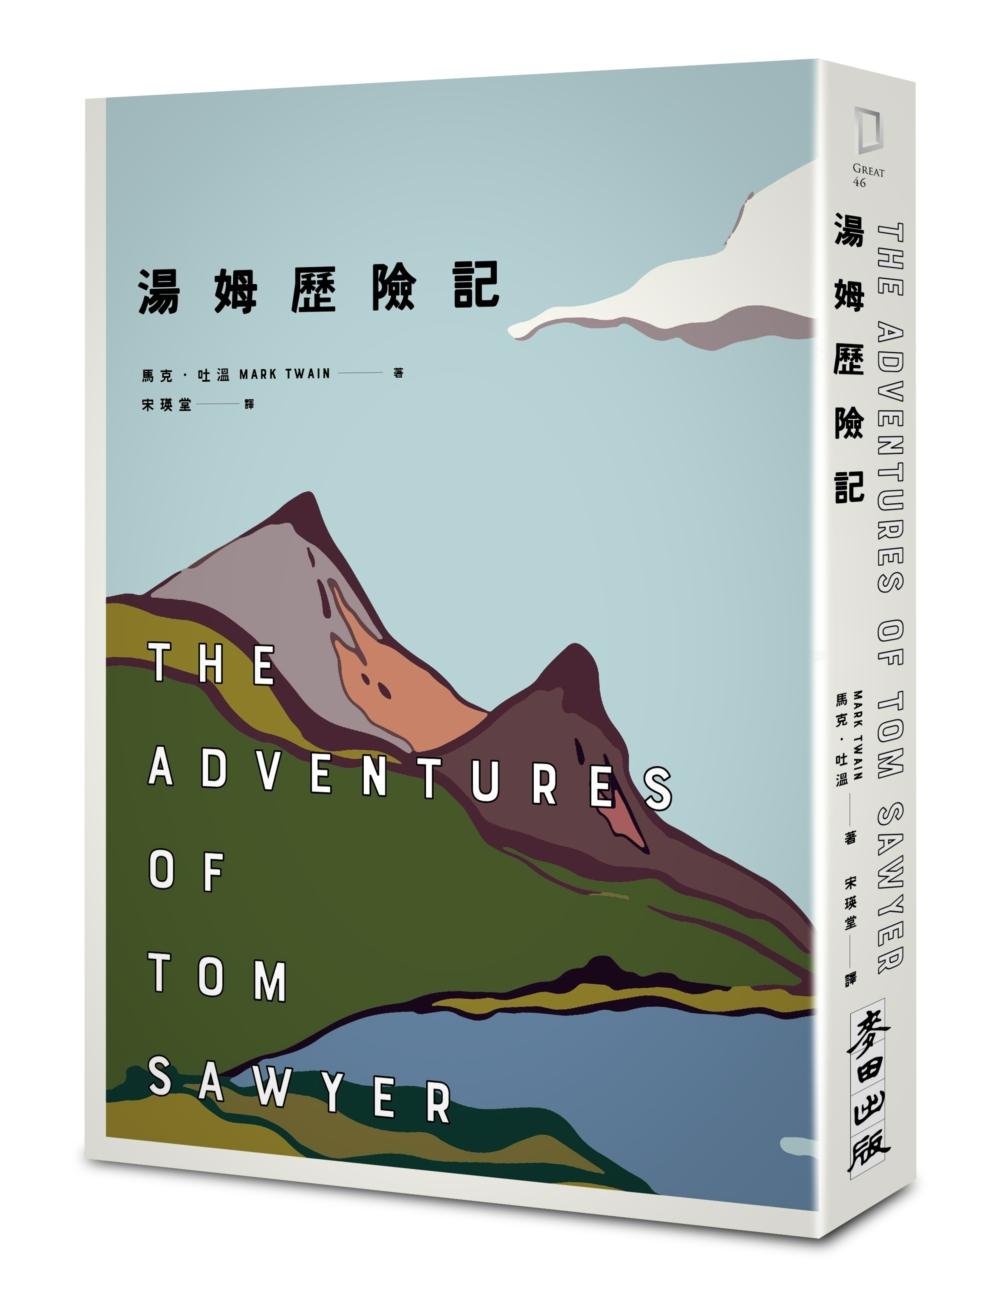 湯姆歷險記(美國文學之父馬克‧吐溫跨越三個世紀經典雙書之一)